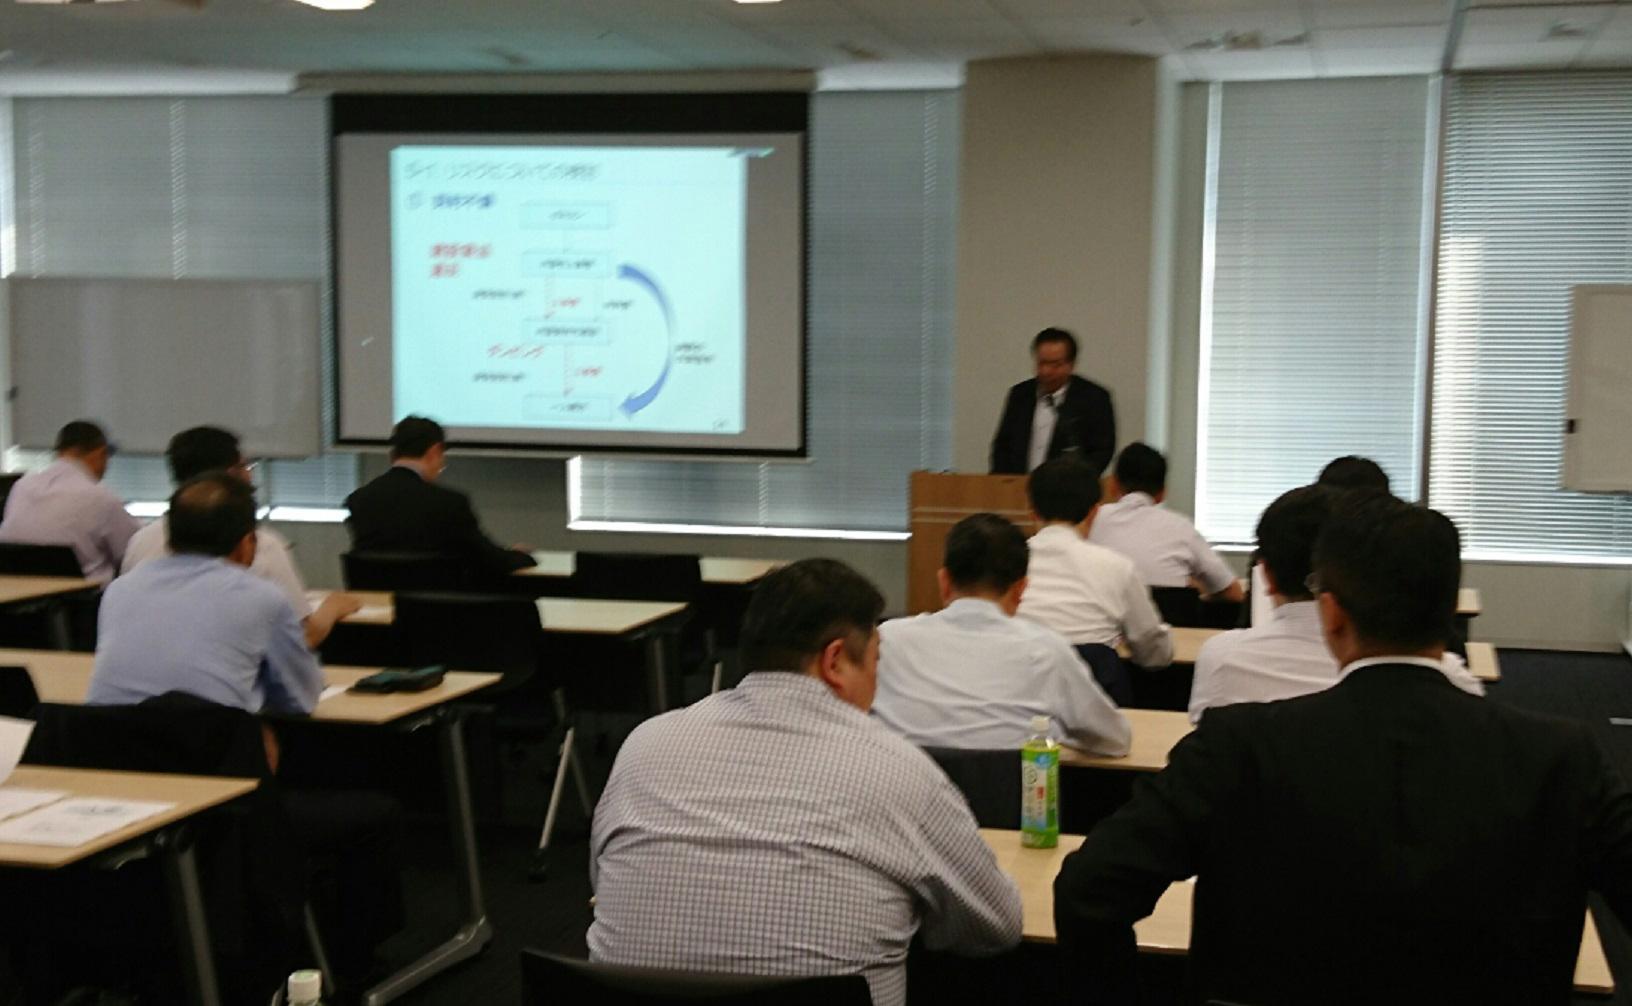 壁装研究会 「内装仕上業界におけるコンプライアンスについて」セミナー開催